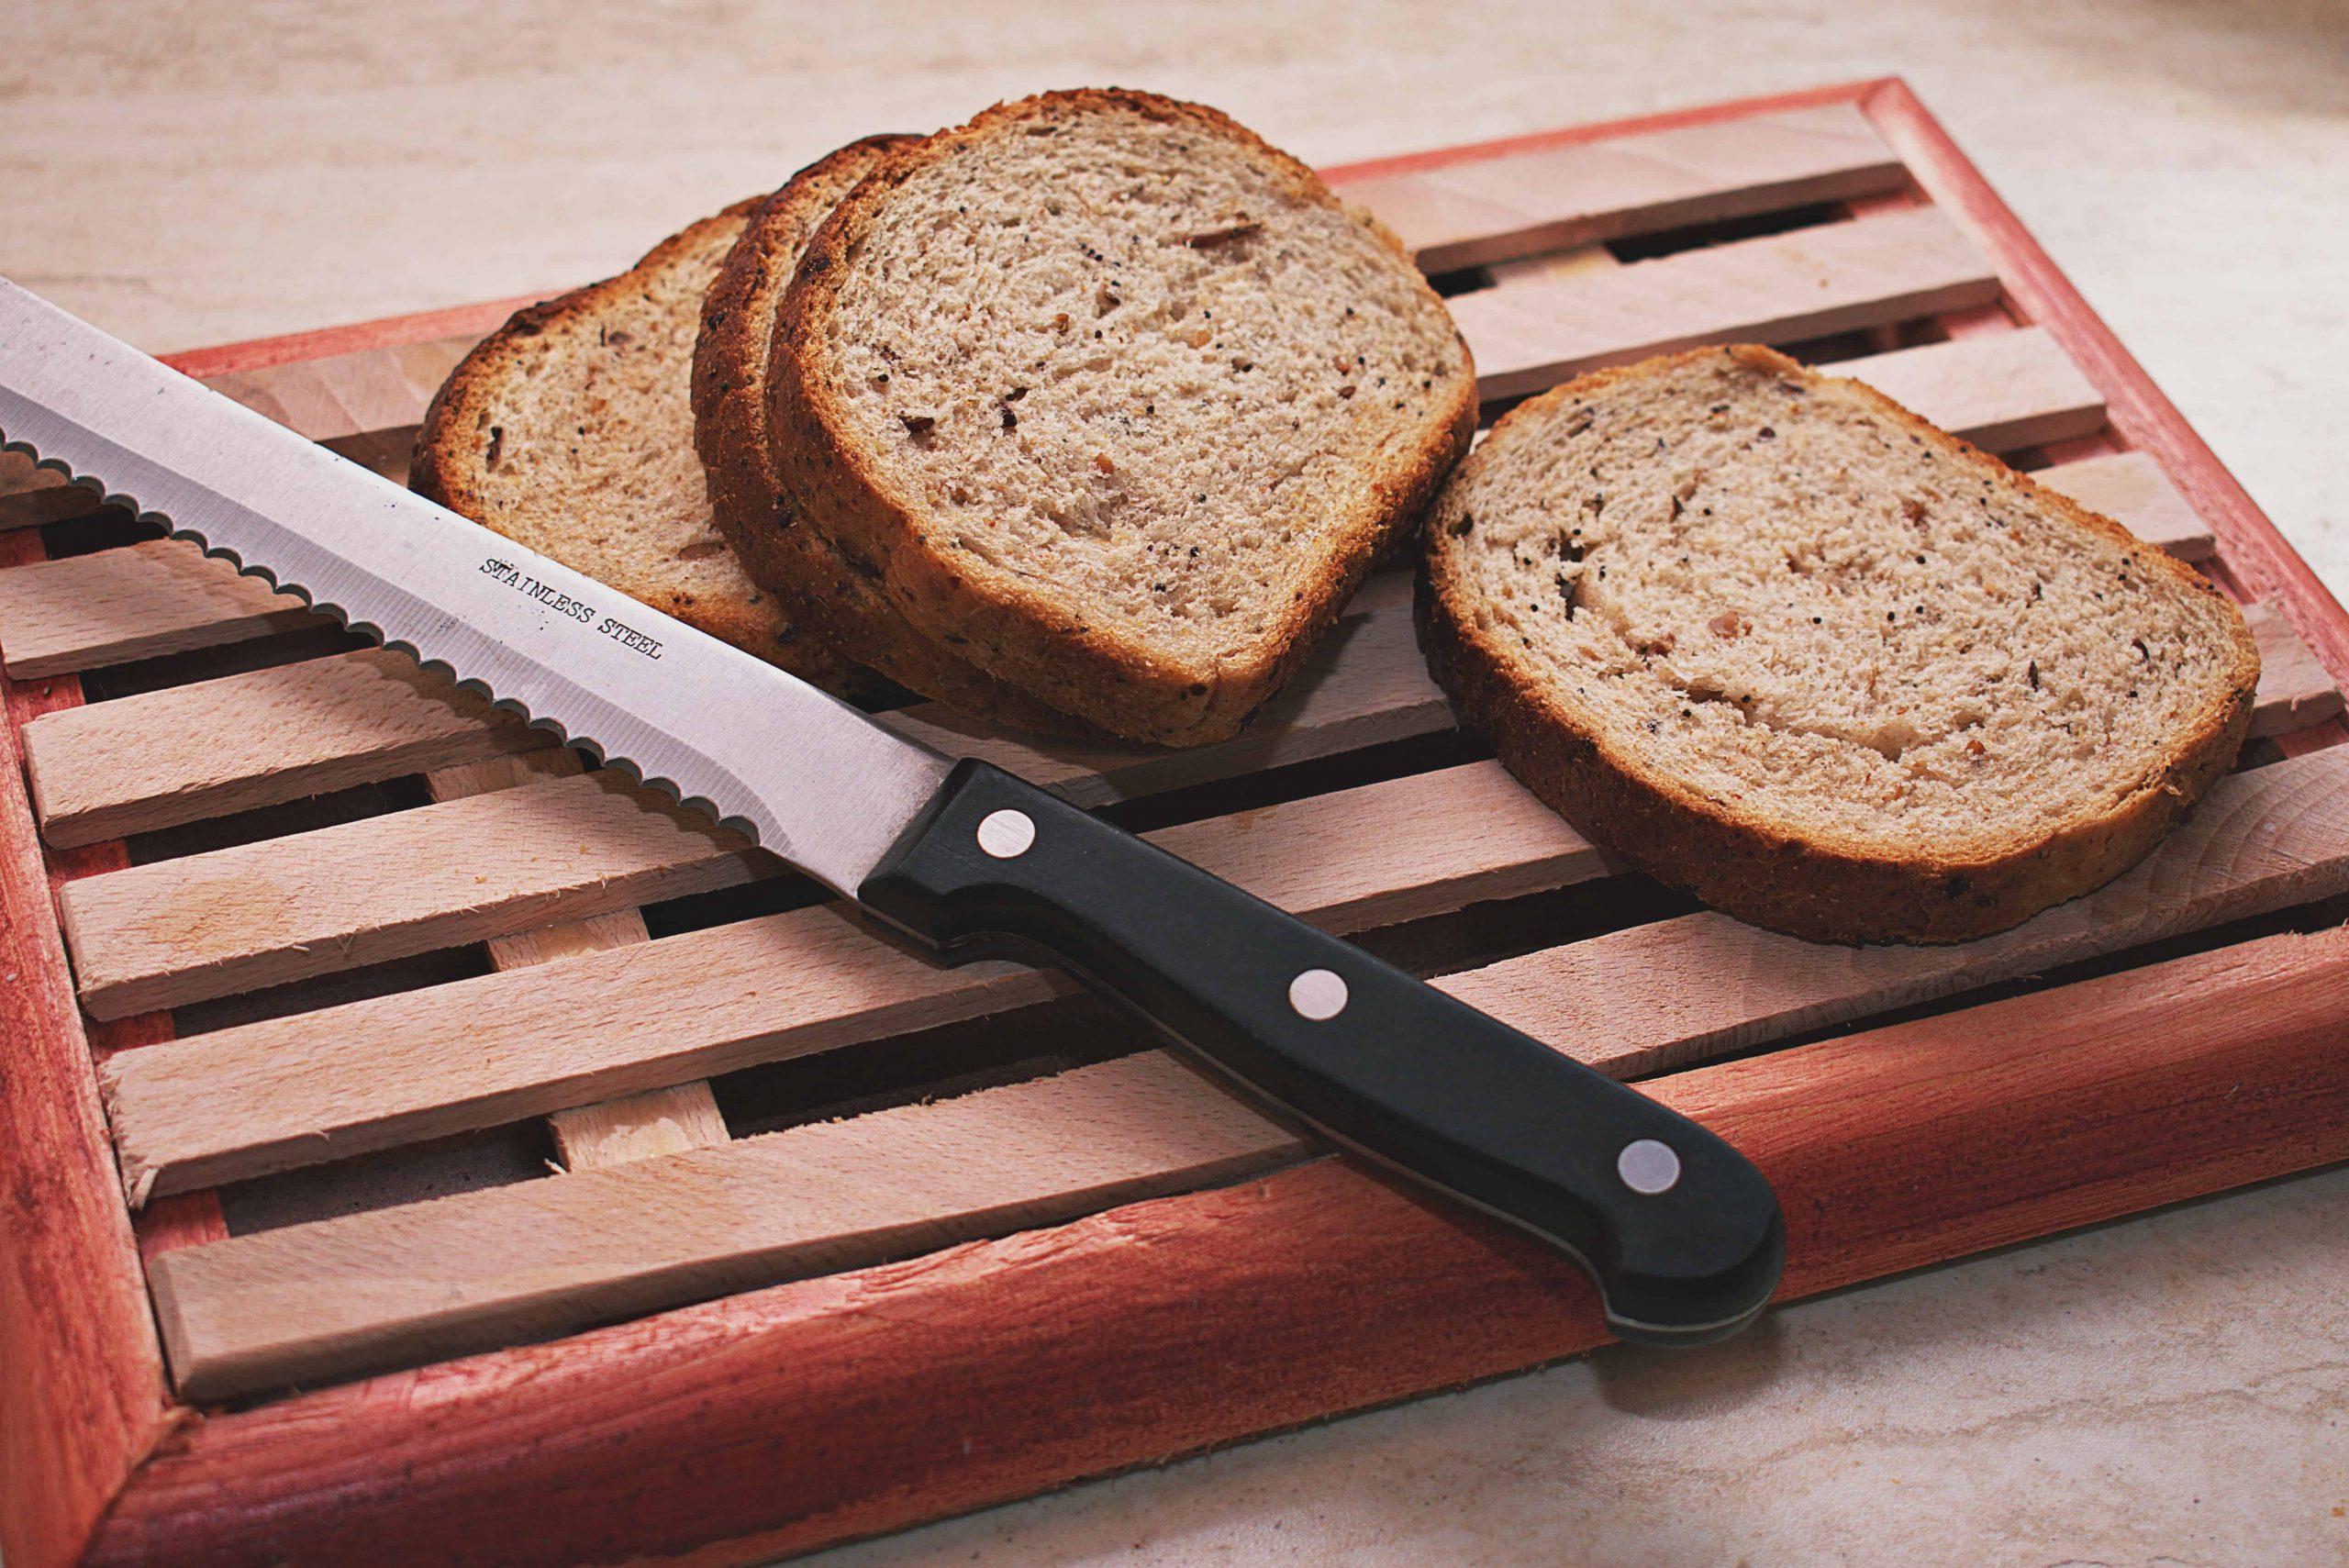 Foto de quatro fatias de pão ao lado de uma faca de cortar pão.